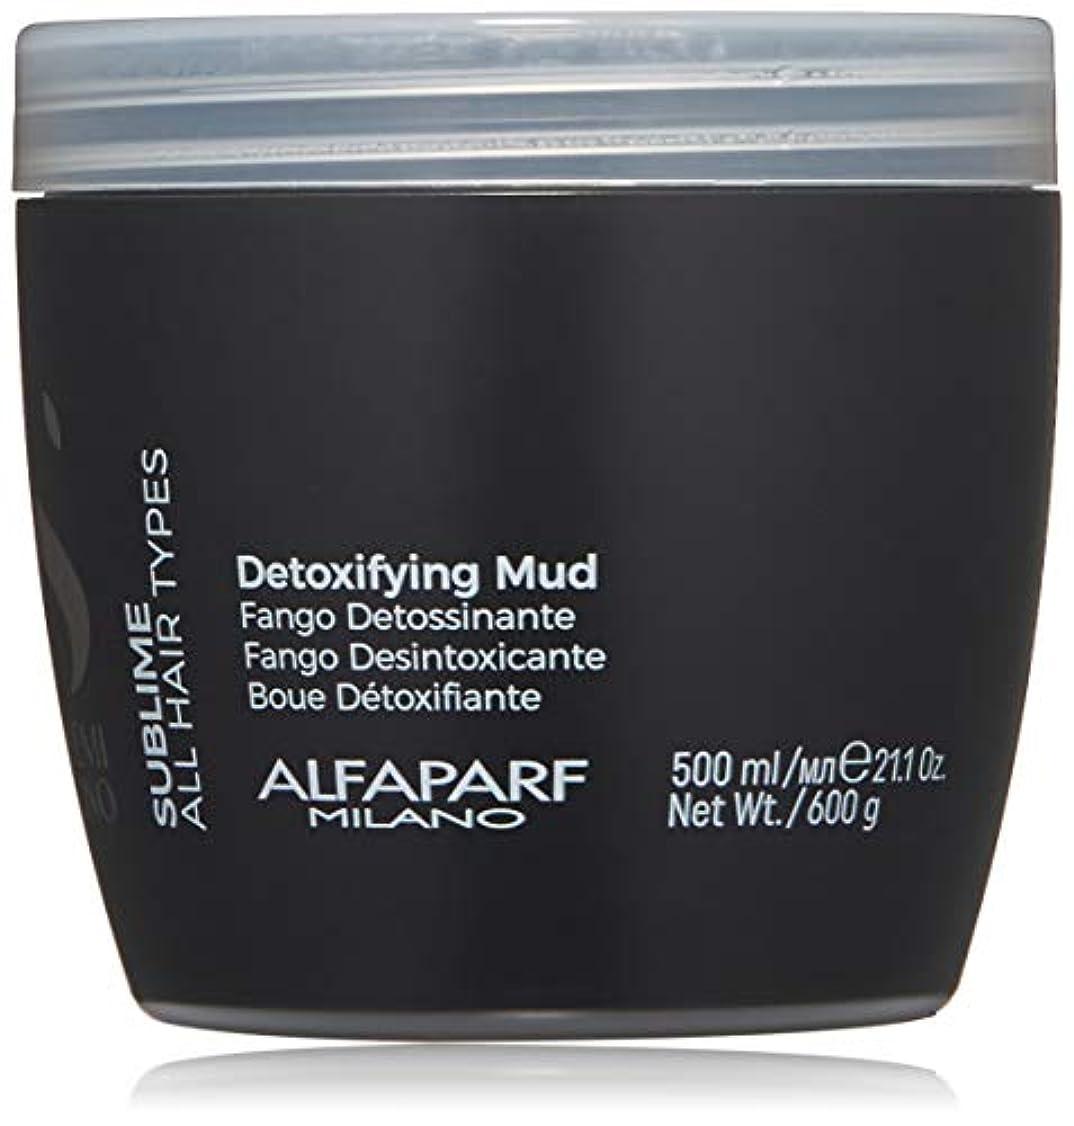 皮肉な保険小説家アルファパルフ Semi Di Lino Sublime Detoxifying Mud (All Hair Types) 500ml/21.1oz並行輸入品